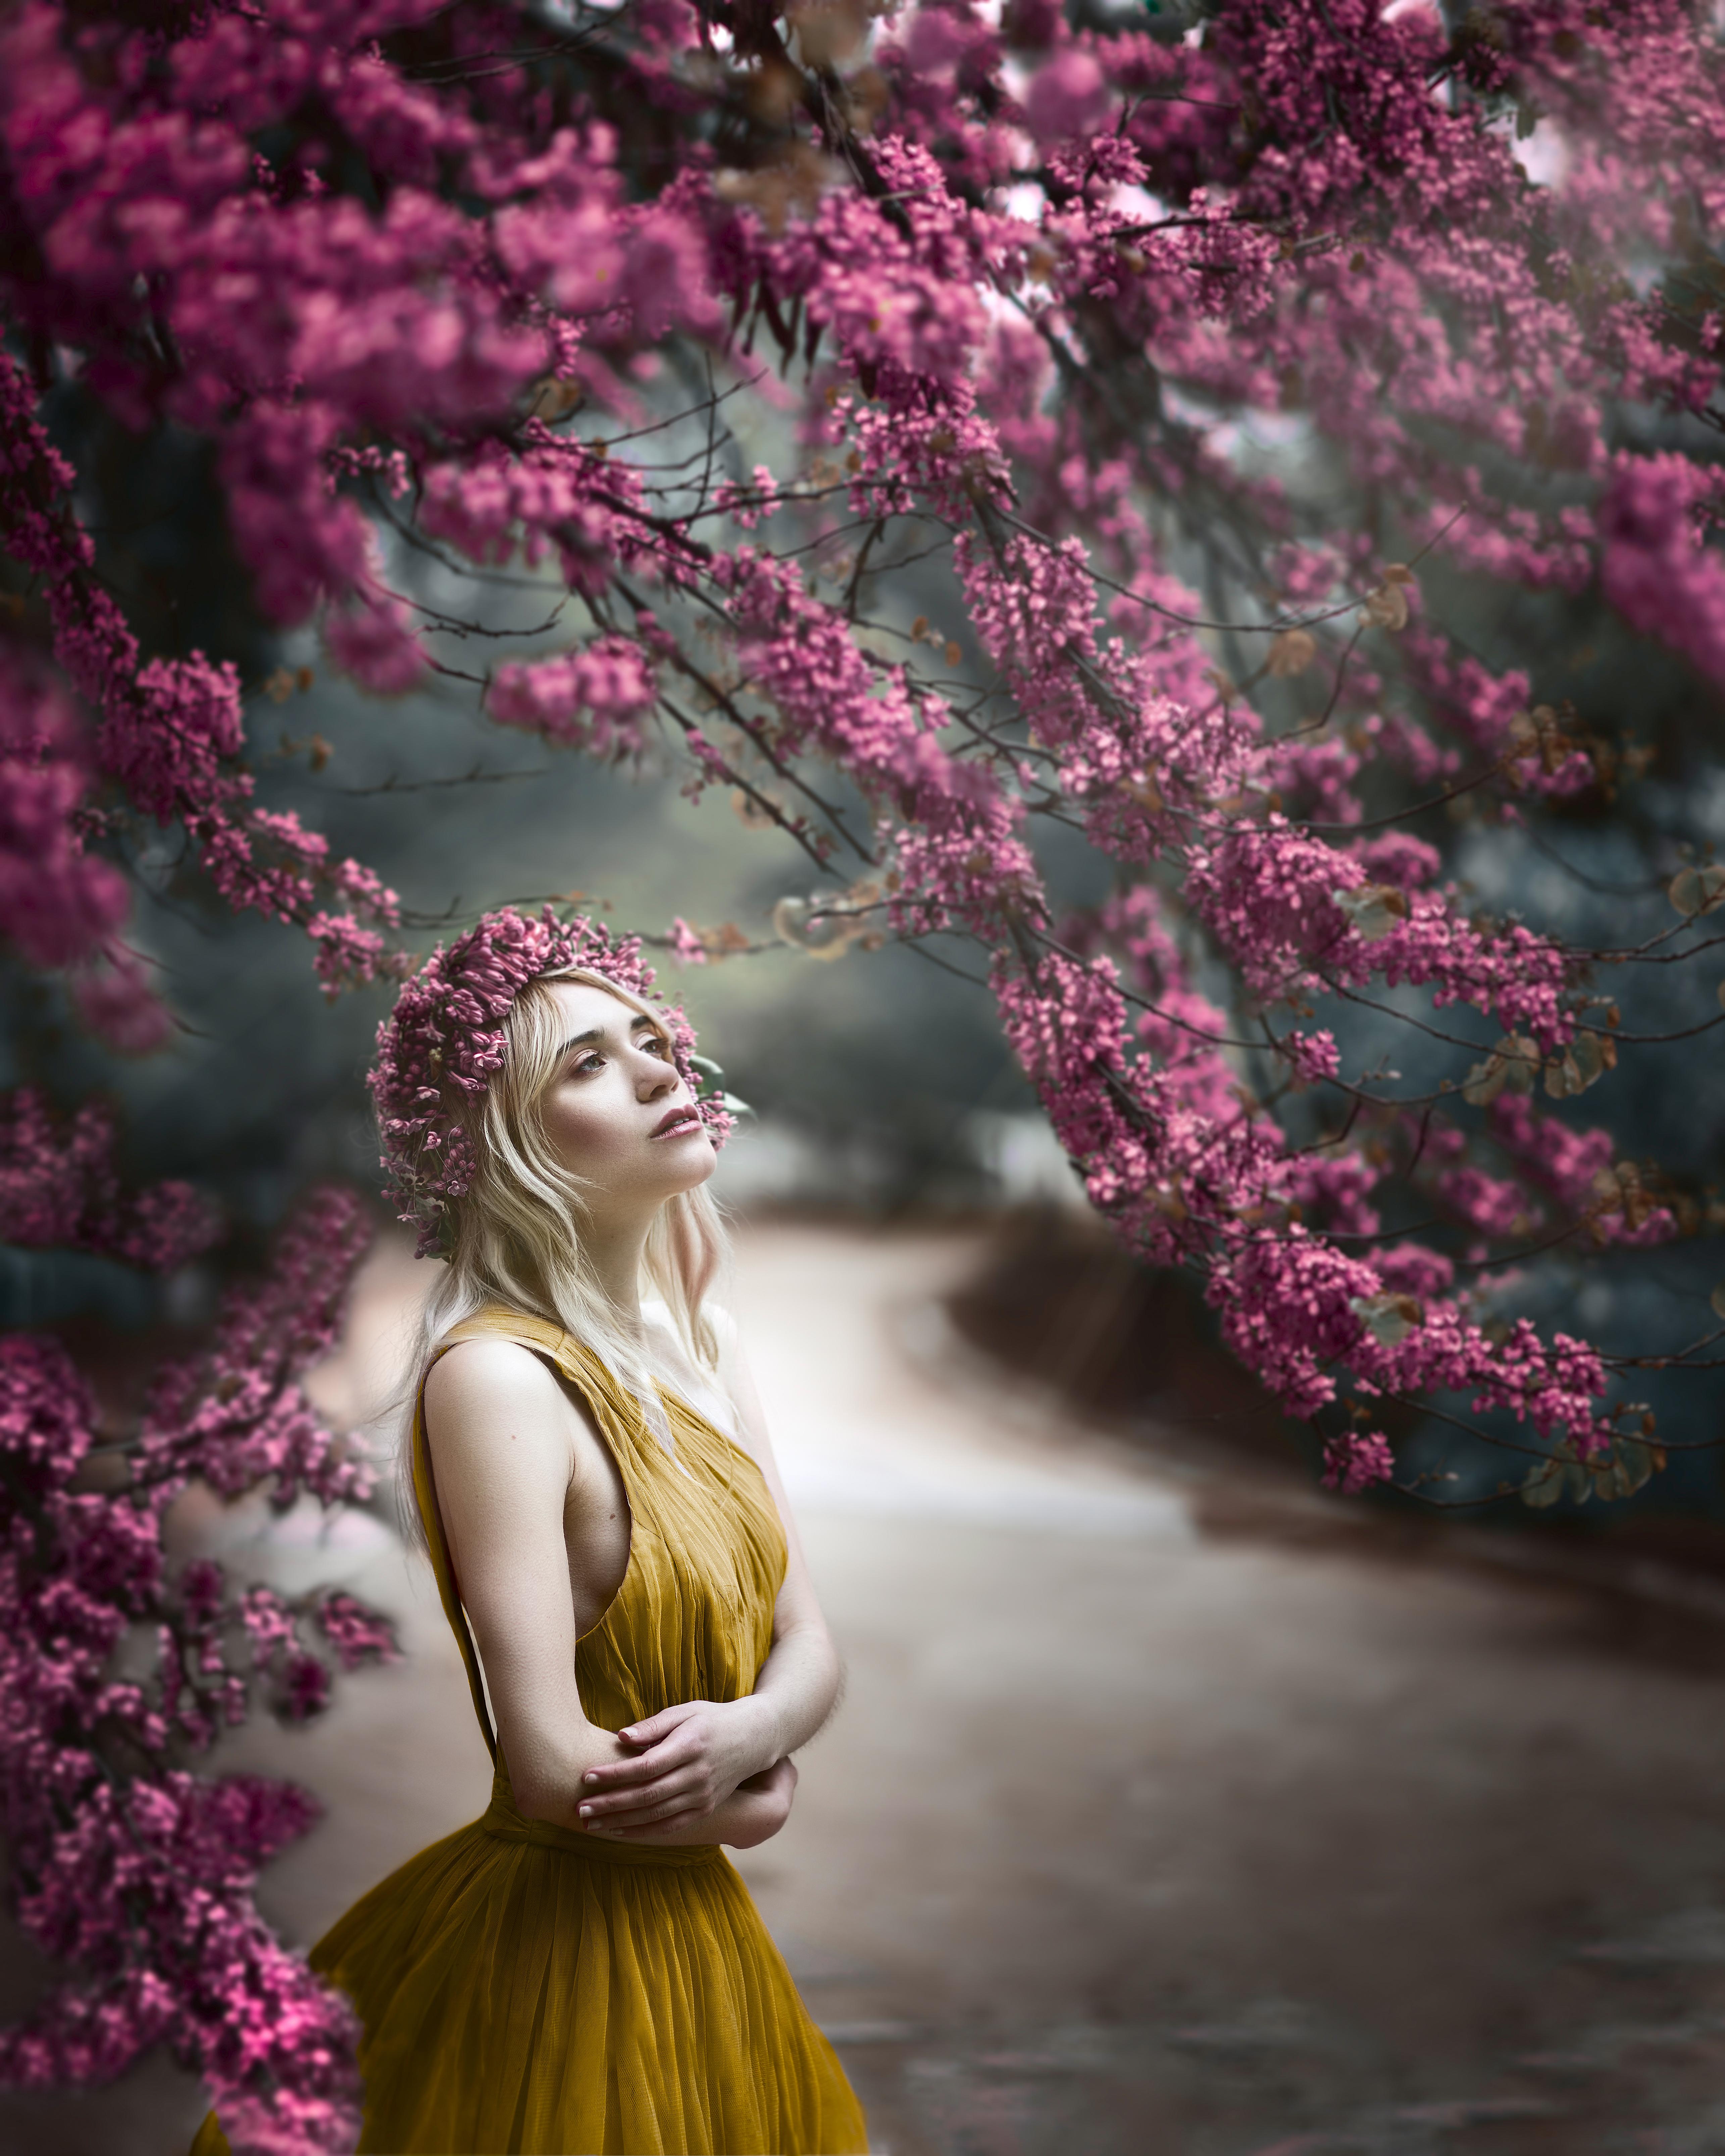 Ninfa en un camino rodeada de flores moradas.